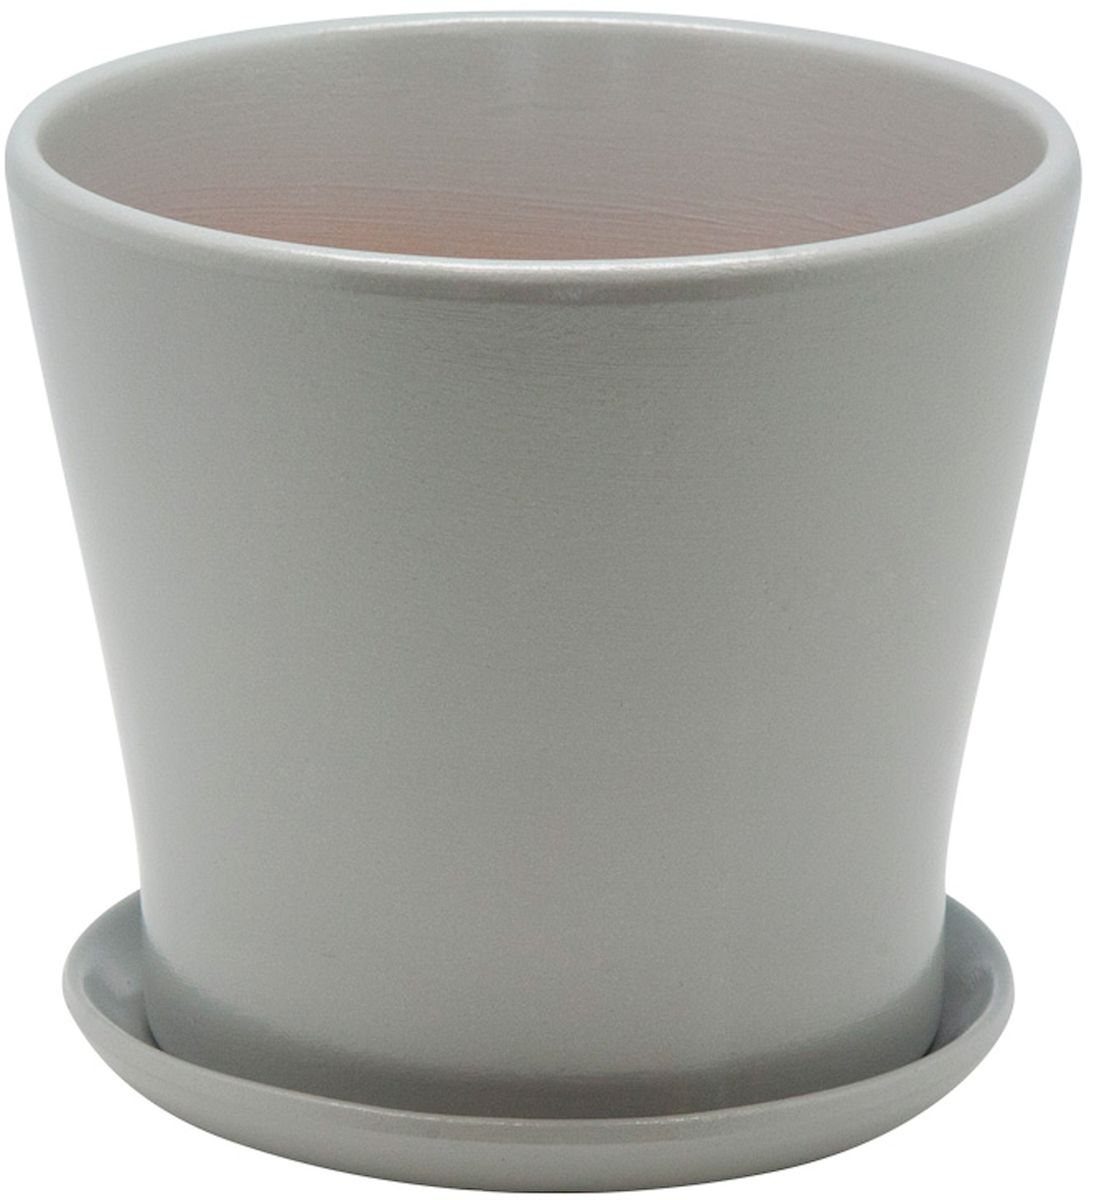 Горшок цветочный Engard, с поддоном, цвет: серебристый, 2,4 л1092019Керамический горшок - это идеальное решение для выращивания комнатных растений и создания изысканности в интерьере. Керамический горшок сделан из высококачественной глины в классической форме и оригинальном дизайне.